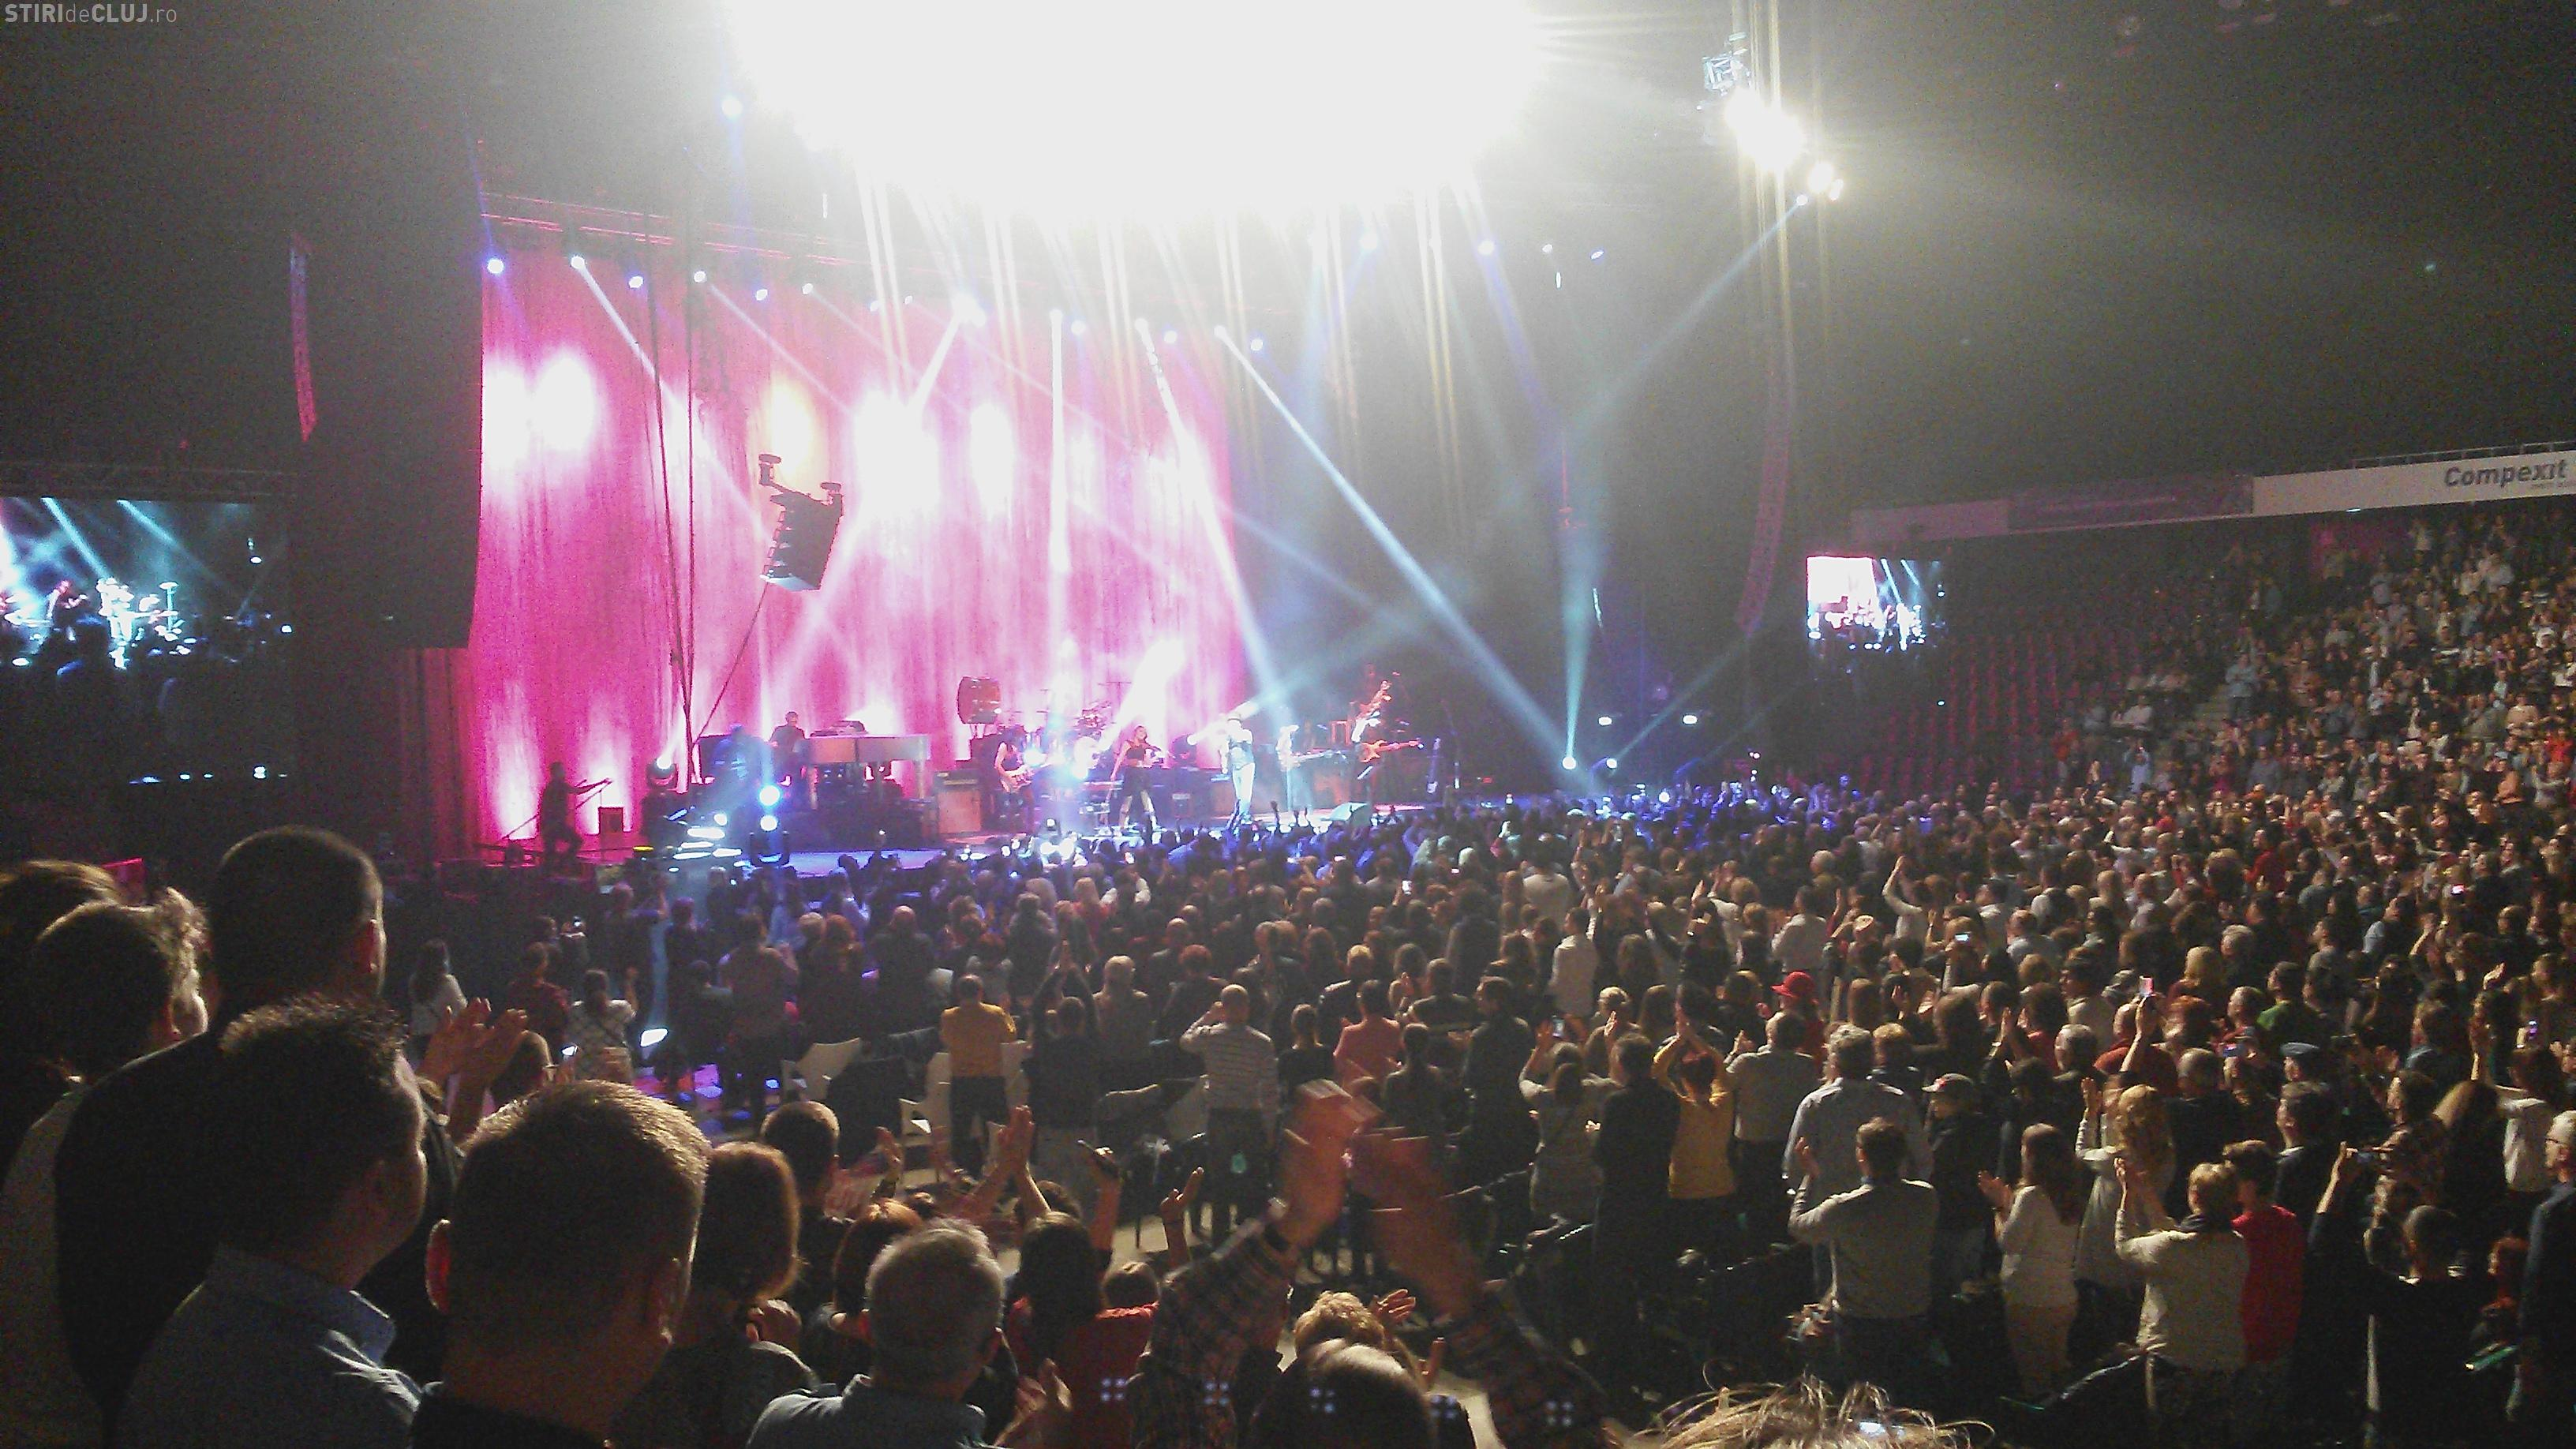 Zucchero a făcut senzație la Cluj. De ce a fost foarte TARE concertul - VIDEO